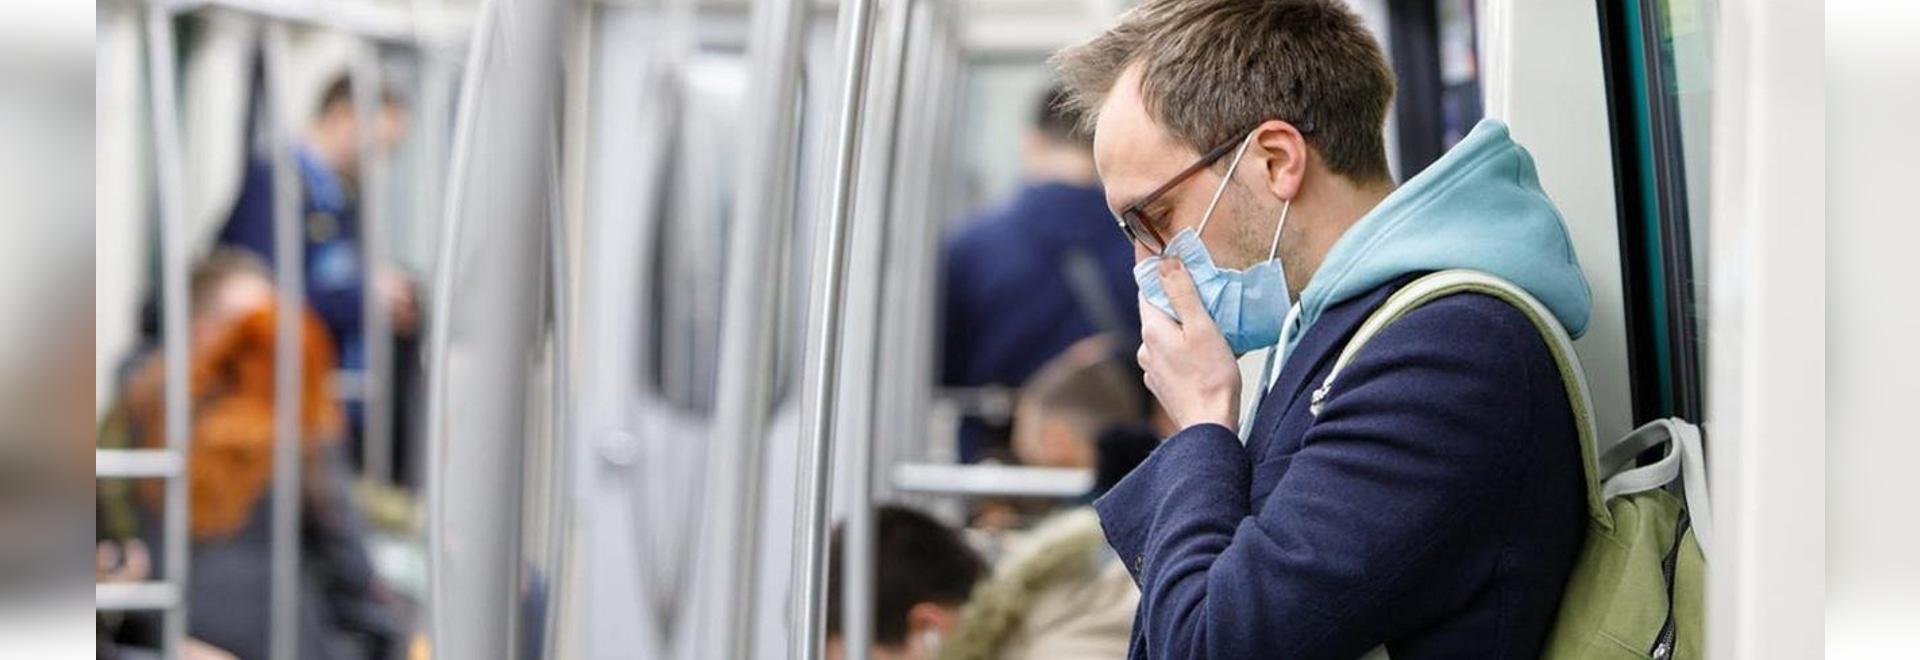 La nueva tecnología podría matar el 99.9 por ciento de los gérmenes mortales en el aire